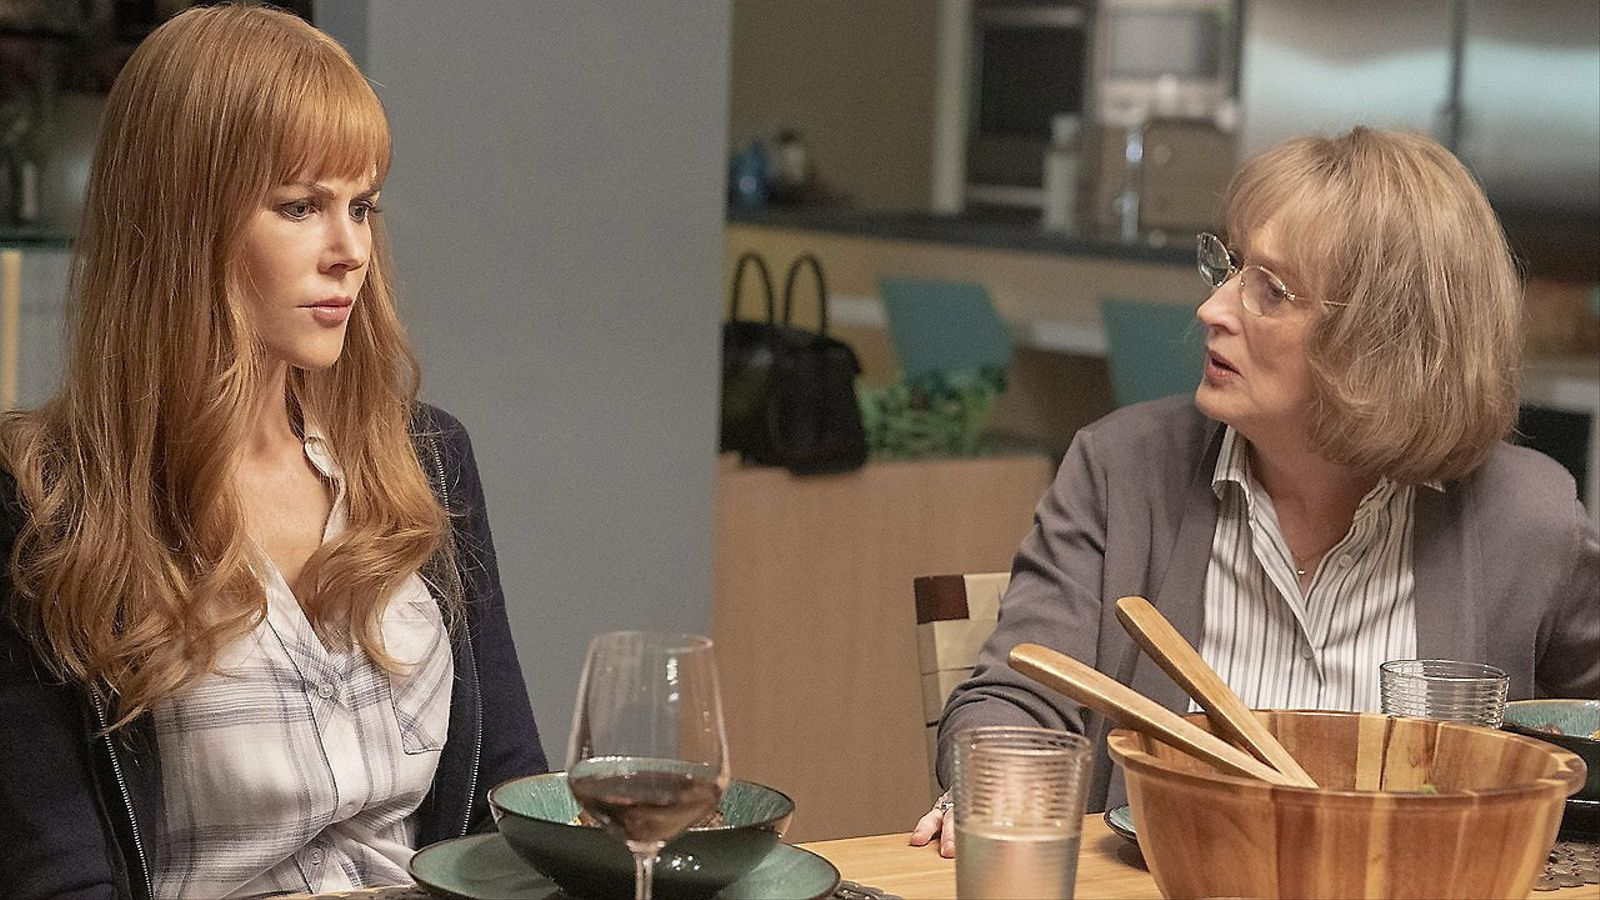 Nicole Kidman i Meryl Streep en una escena de la segona temporada de la sèrie Big little lies.